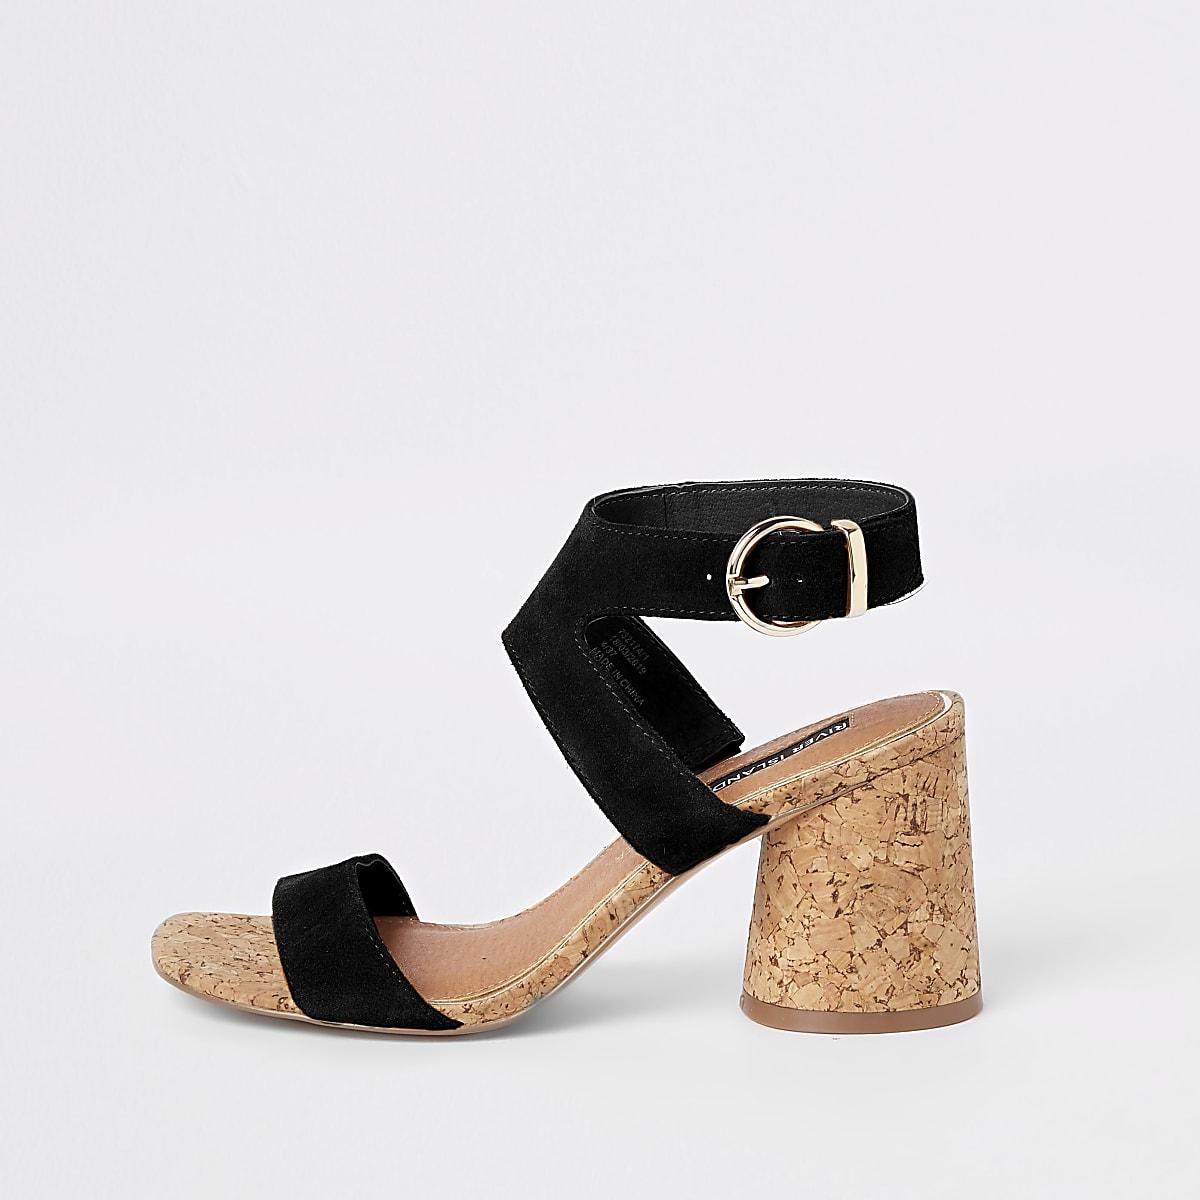 Sandales en daim noires à talons carrés arrondis